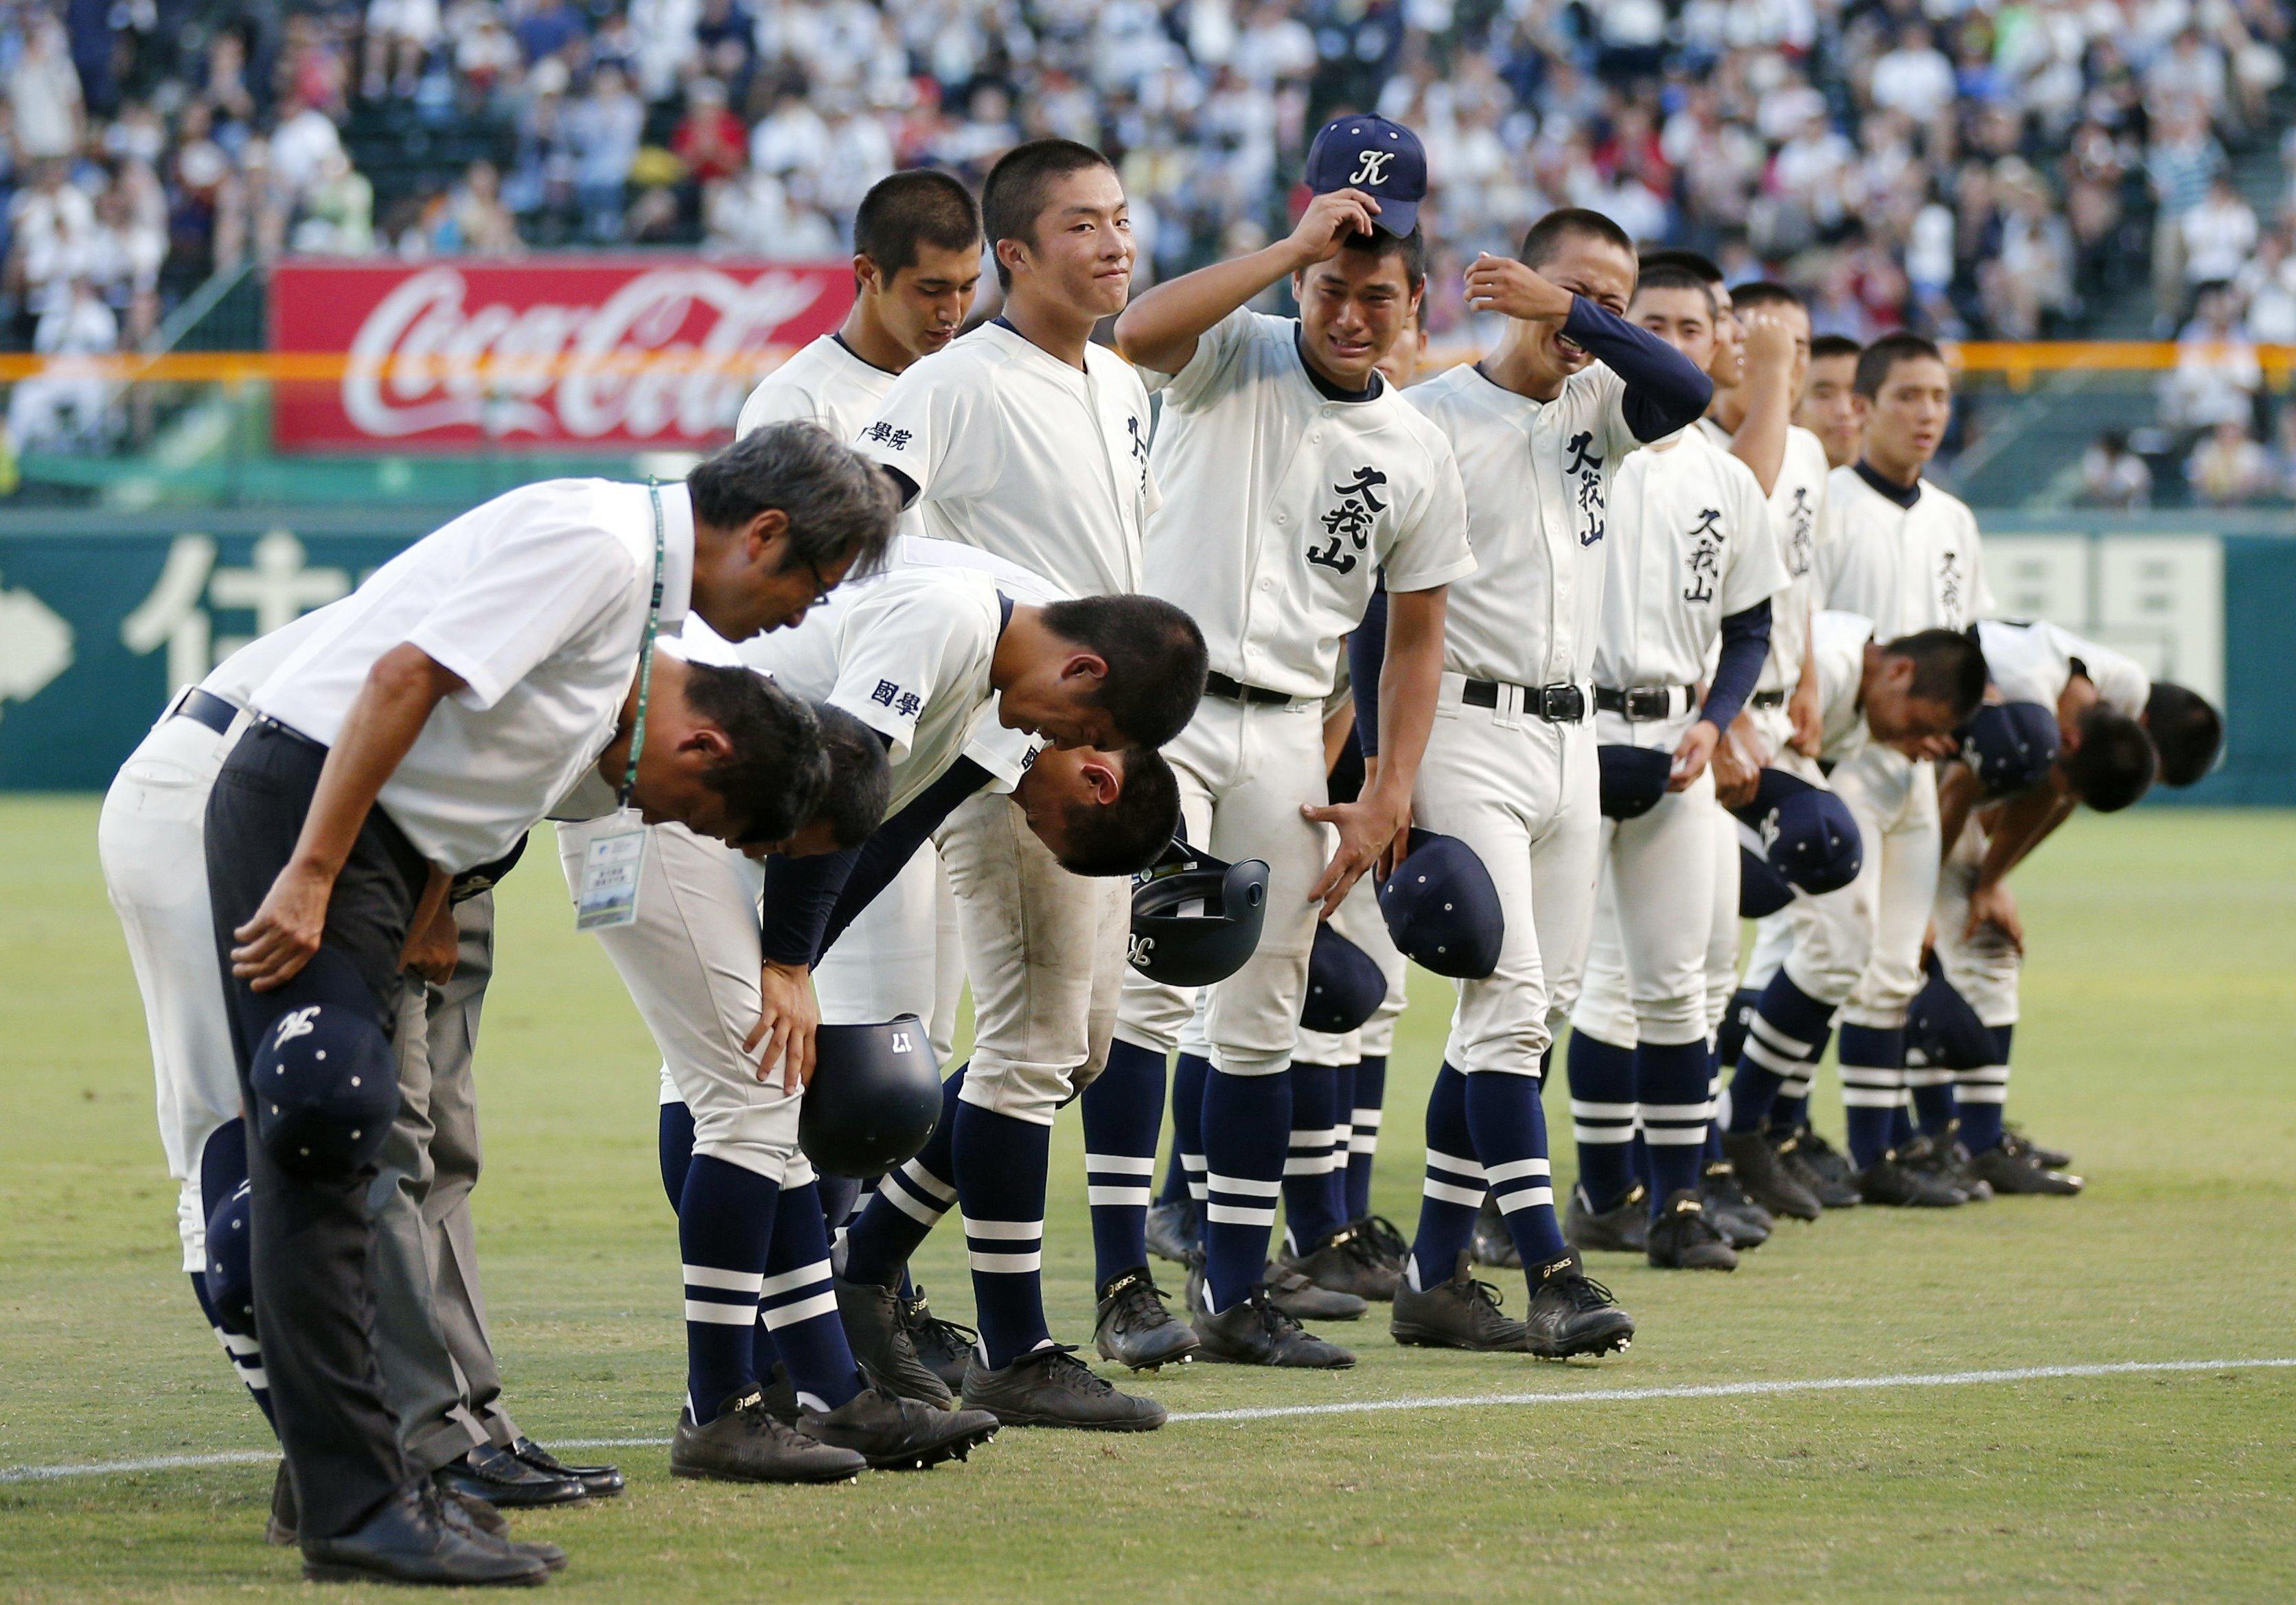 国学院久我山の選手が整列した写真【写真提供=共同通信】